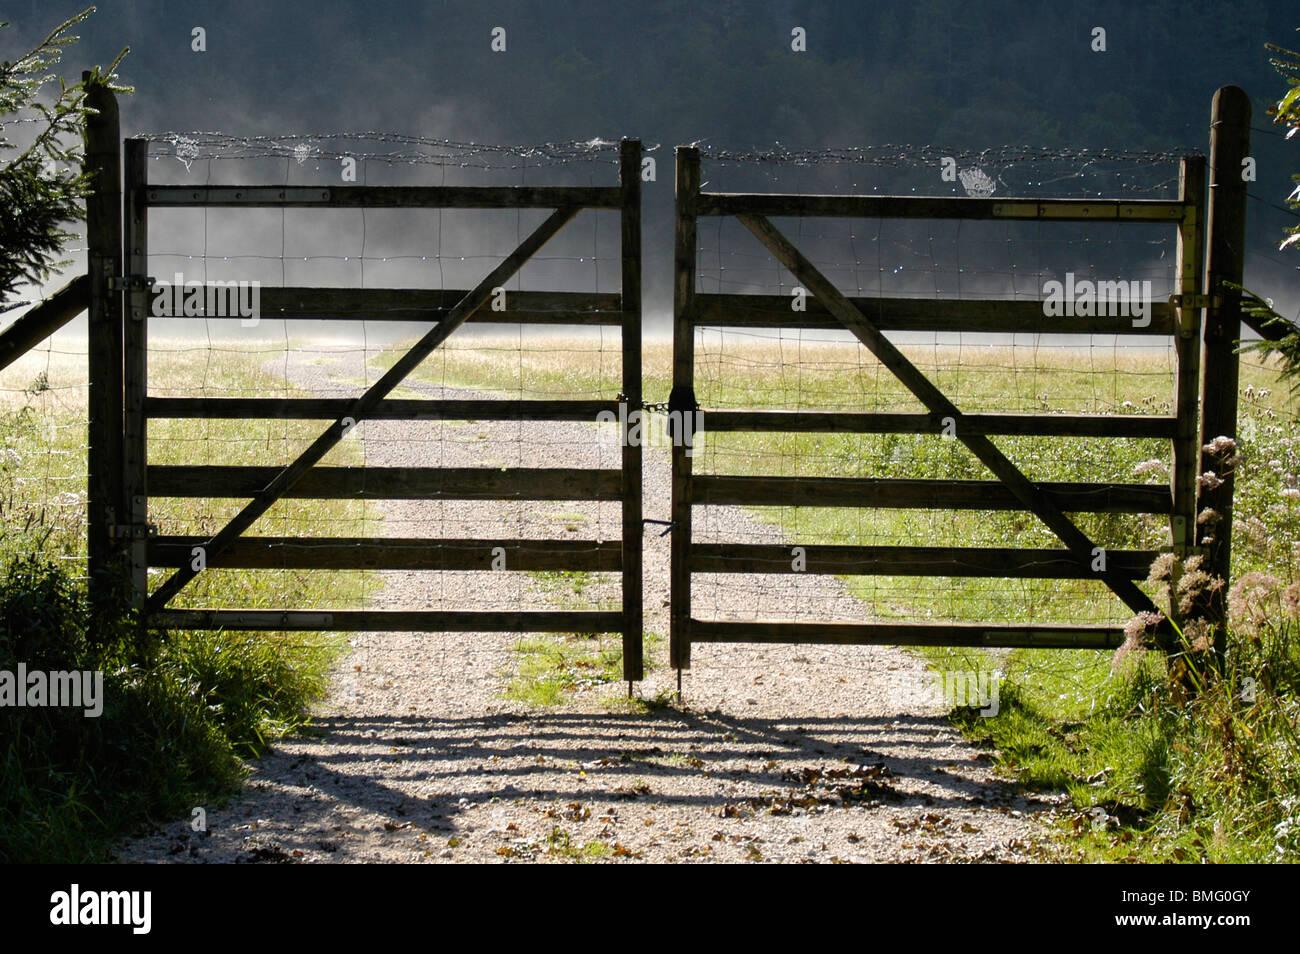 Zaun In Der Morgen Nebel Einfahrt Stockfoto Bild 29855195 Alamy